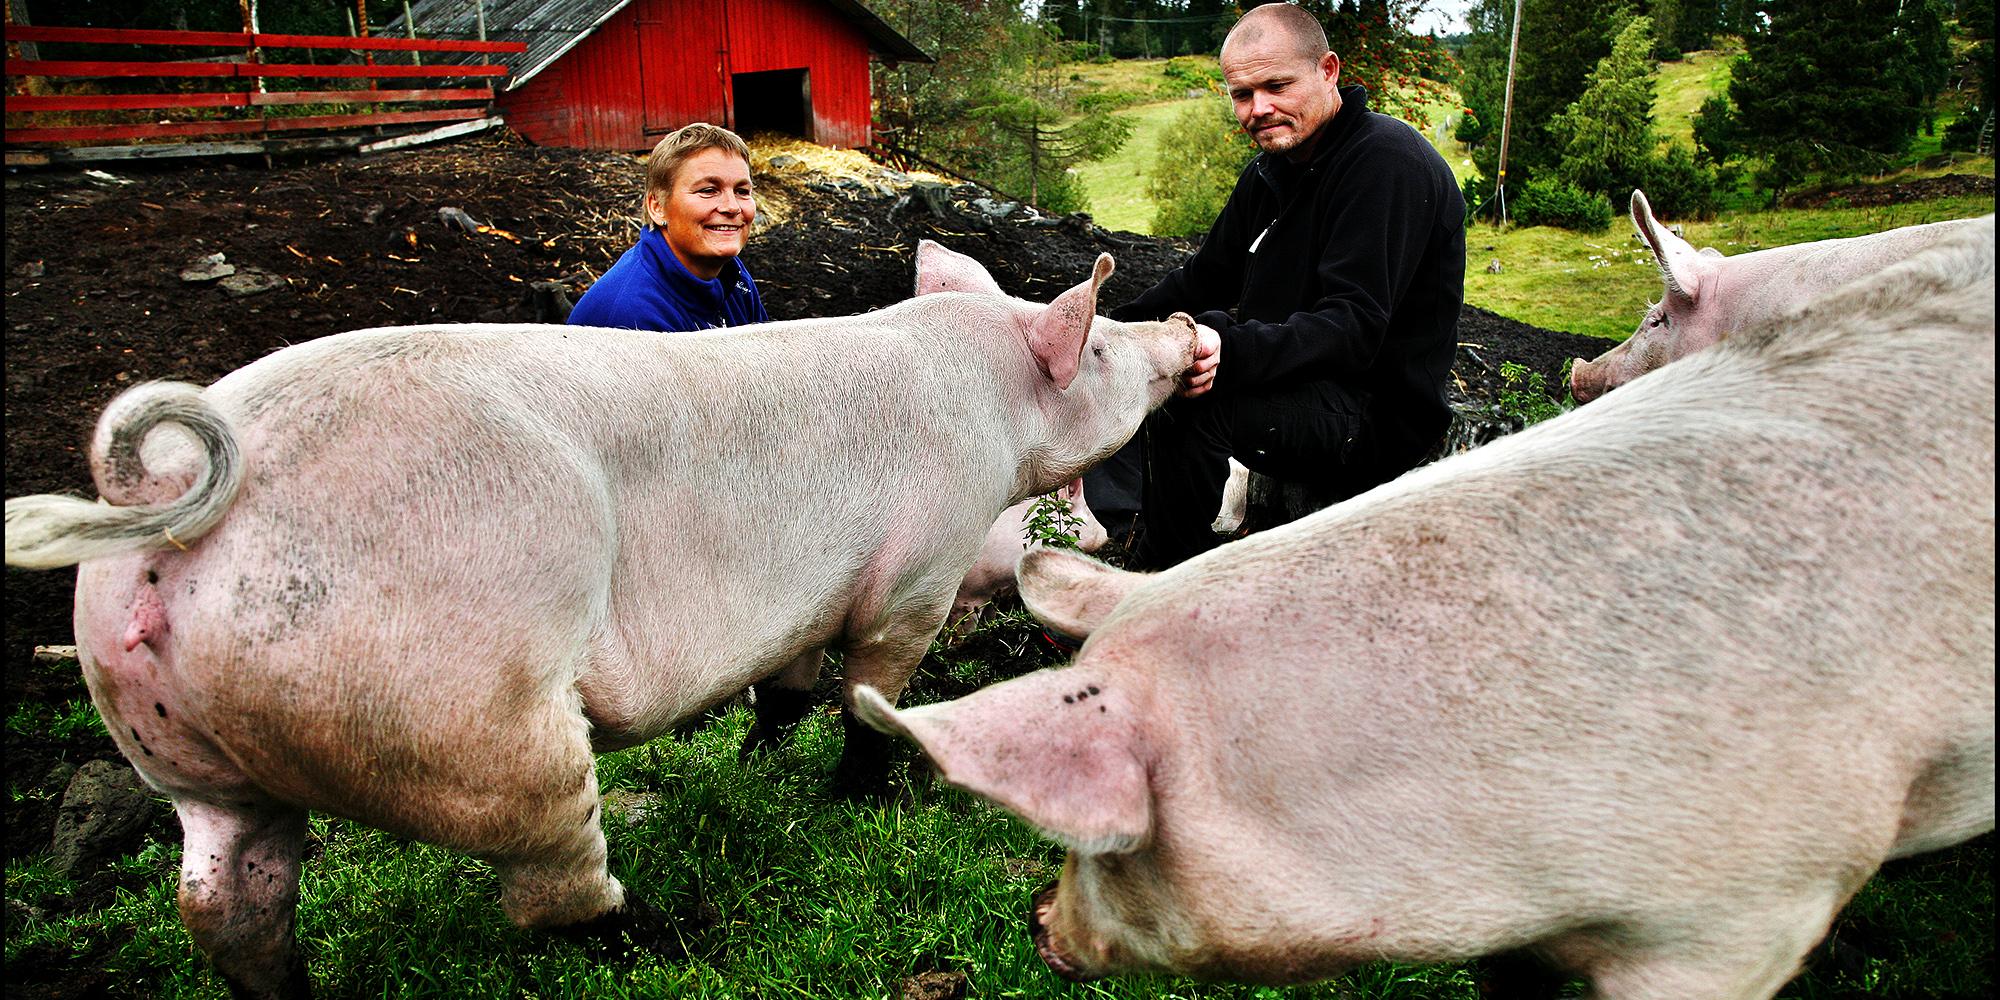 Berg Gård and Inderøy Gårdsbrenneri - the hosts with 2 of the free range pigs. Copyright: Berg Gård/Magnar Kirknes